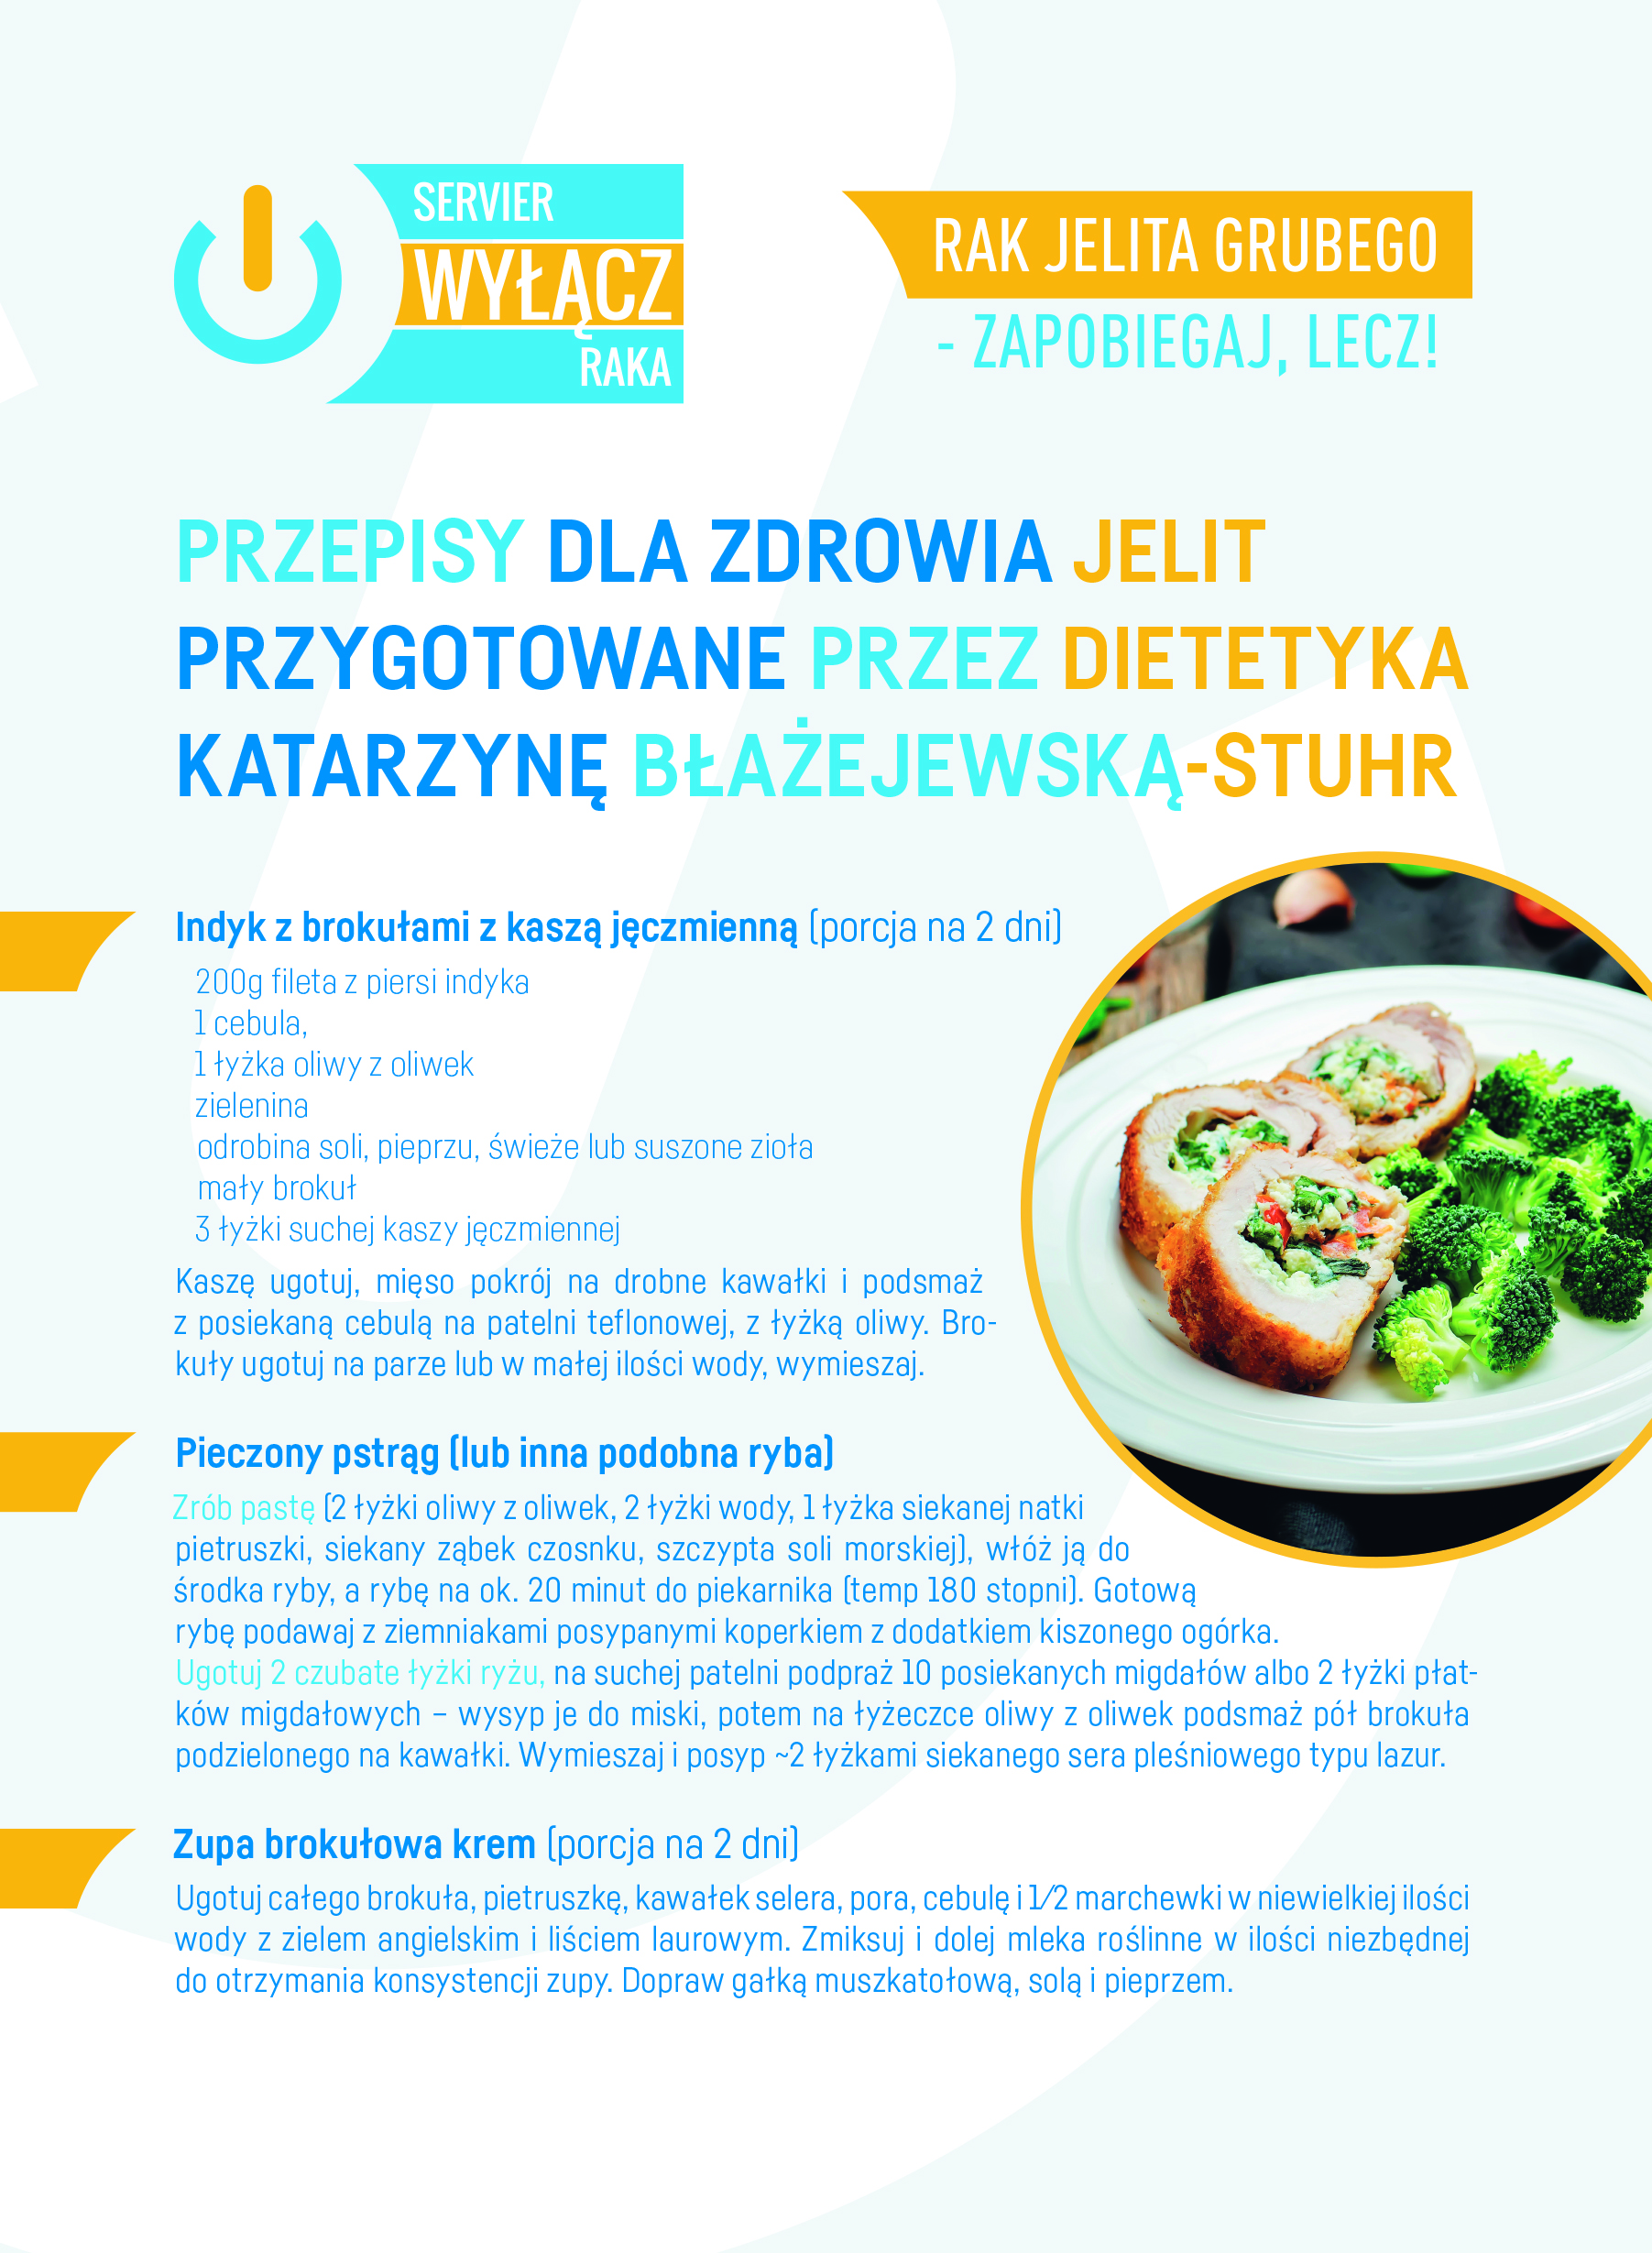 Zdrowa Dieta Przepisy Wylacz Raka Kampania Spoleczna